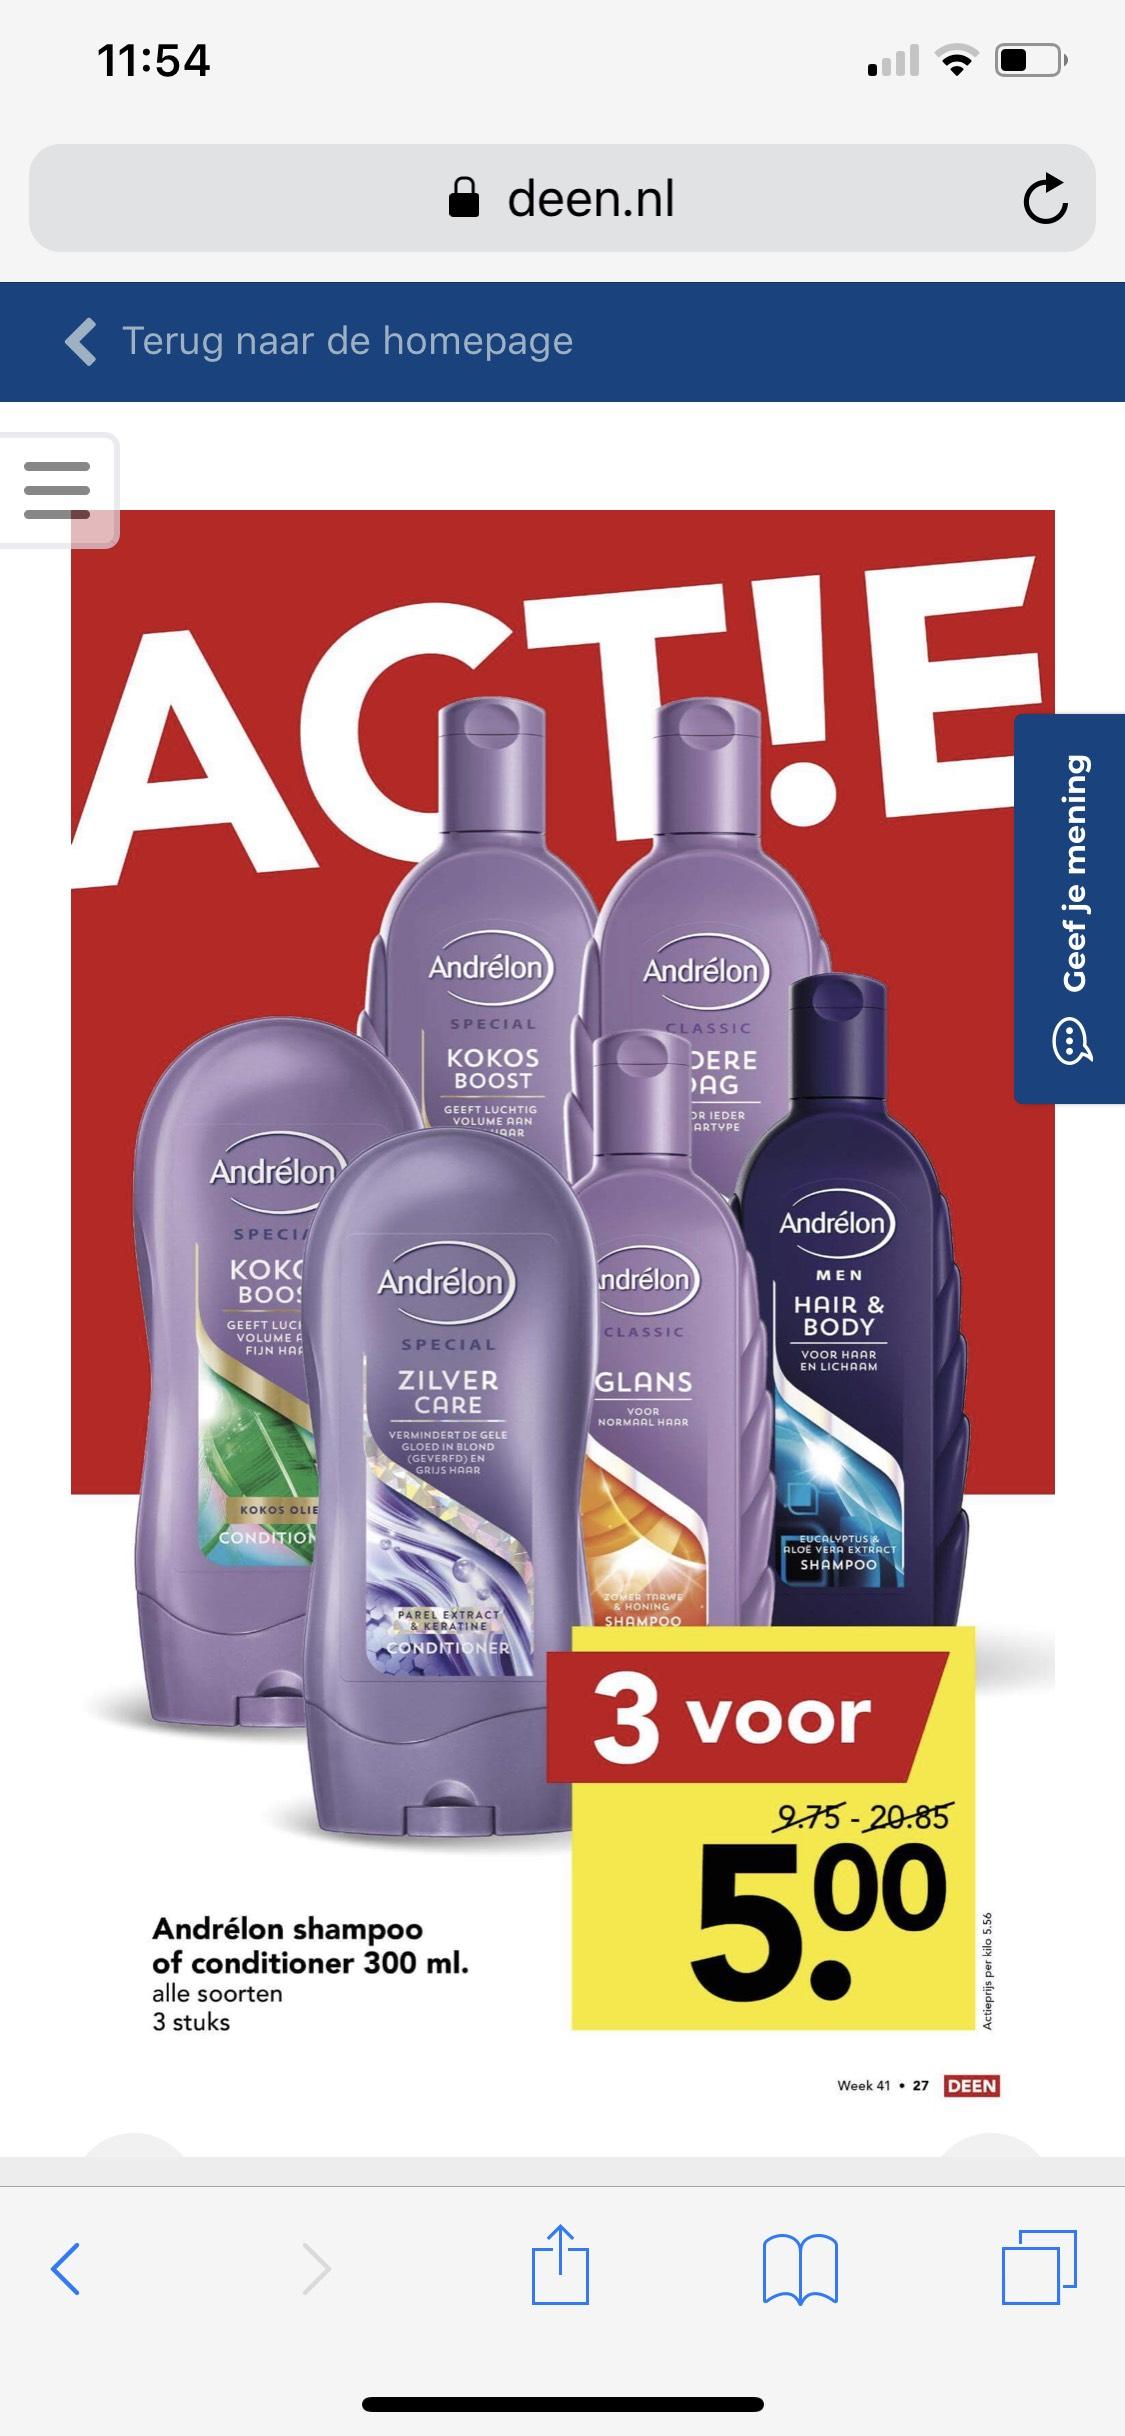 Alle soorten Andrelon shampoo of cremespoeling 3 voor 5 euro